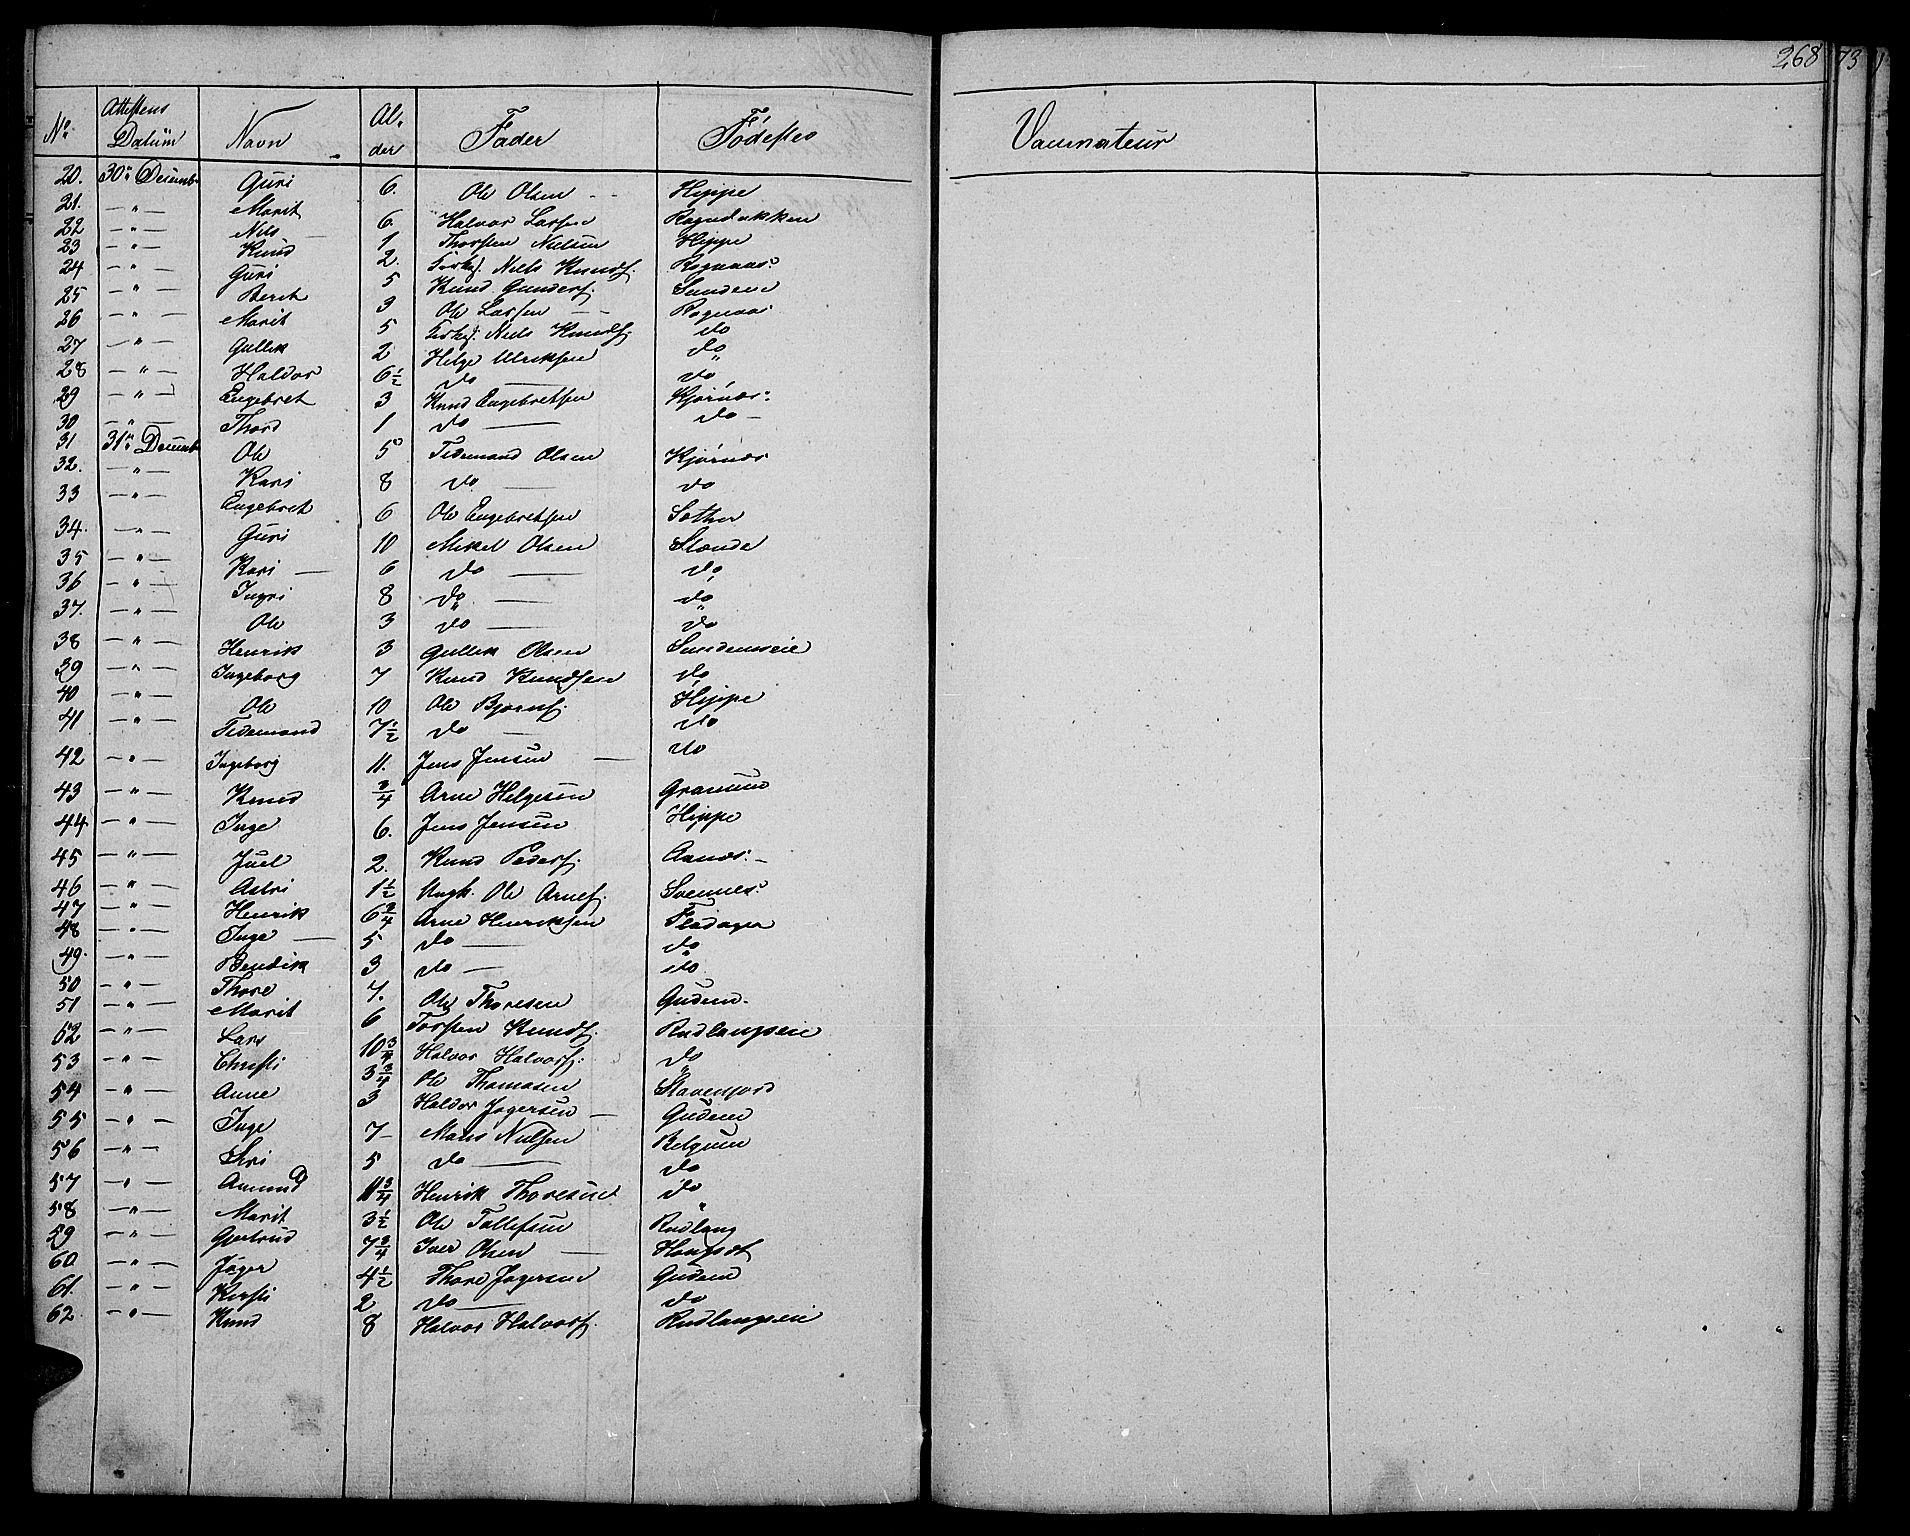 SAH, Nord-Aurdal prestekontor, Klokkerbok nr. 4, 1842-1882, s. 268